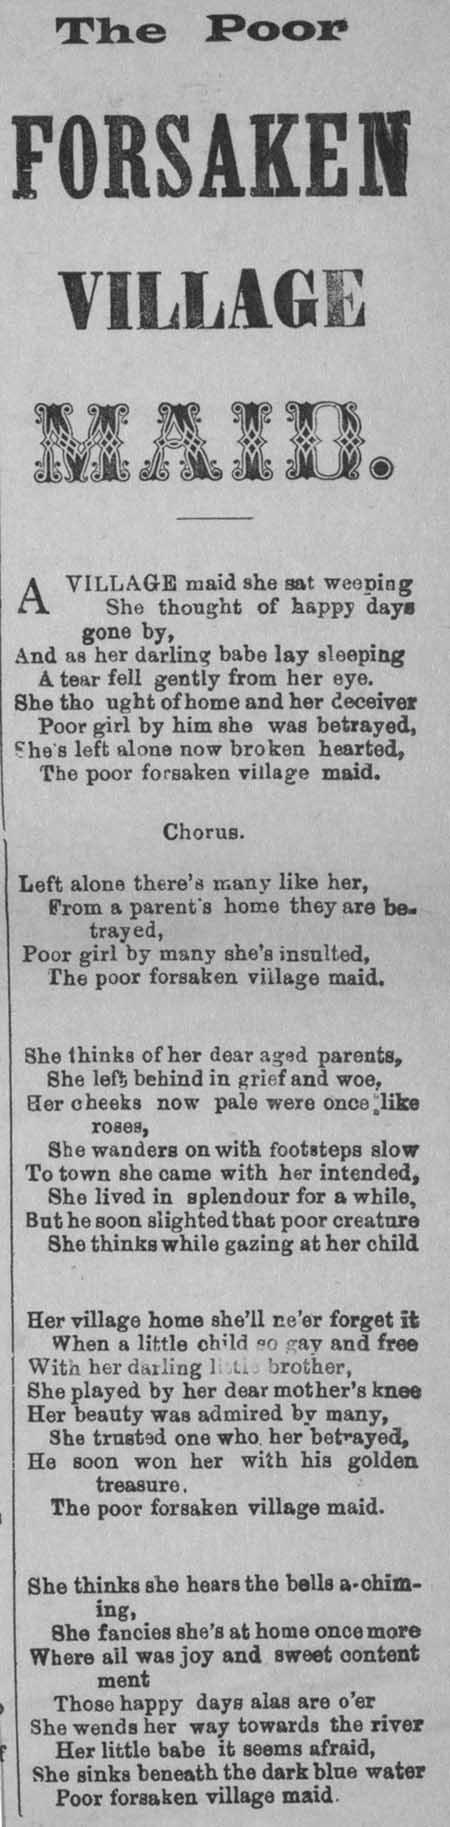 Broadside ballad entitled 'The Poor Forsaken Village Maid'